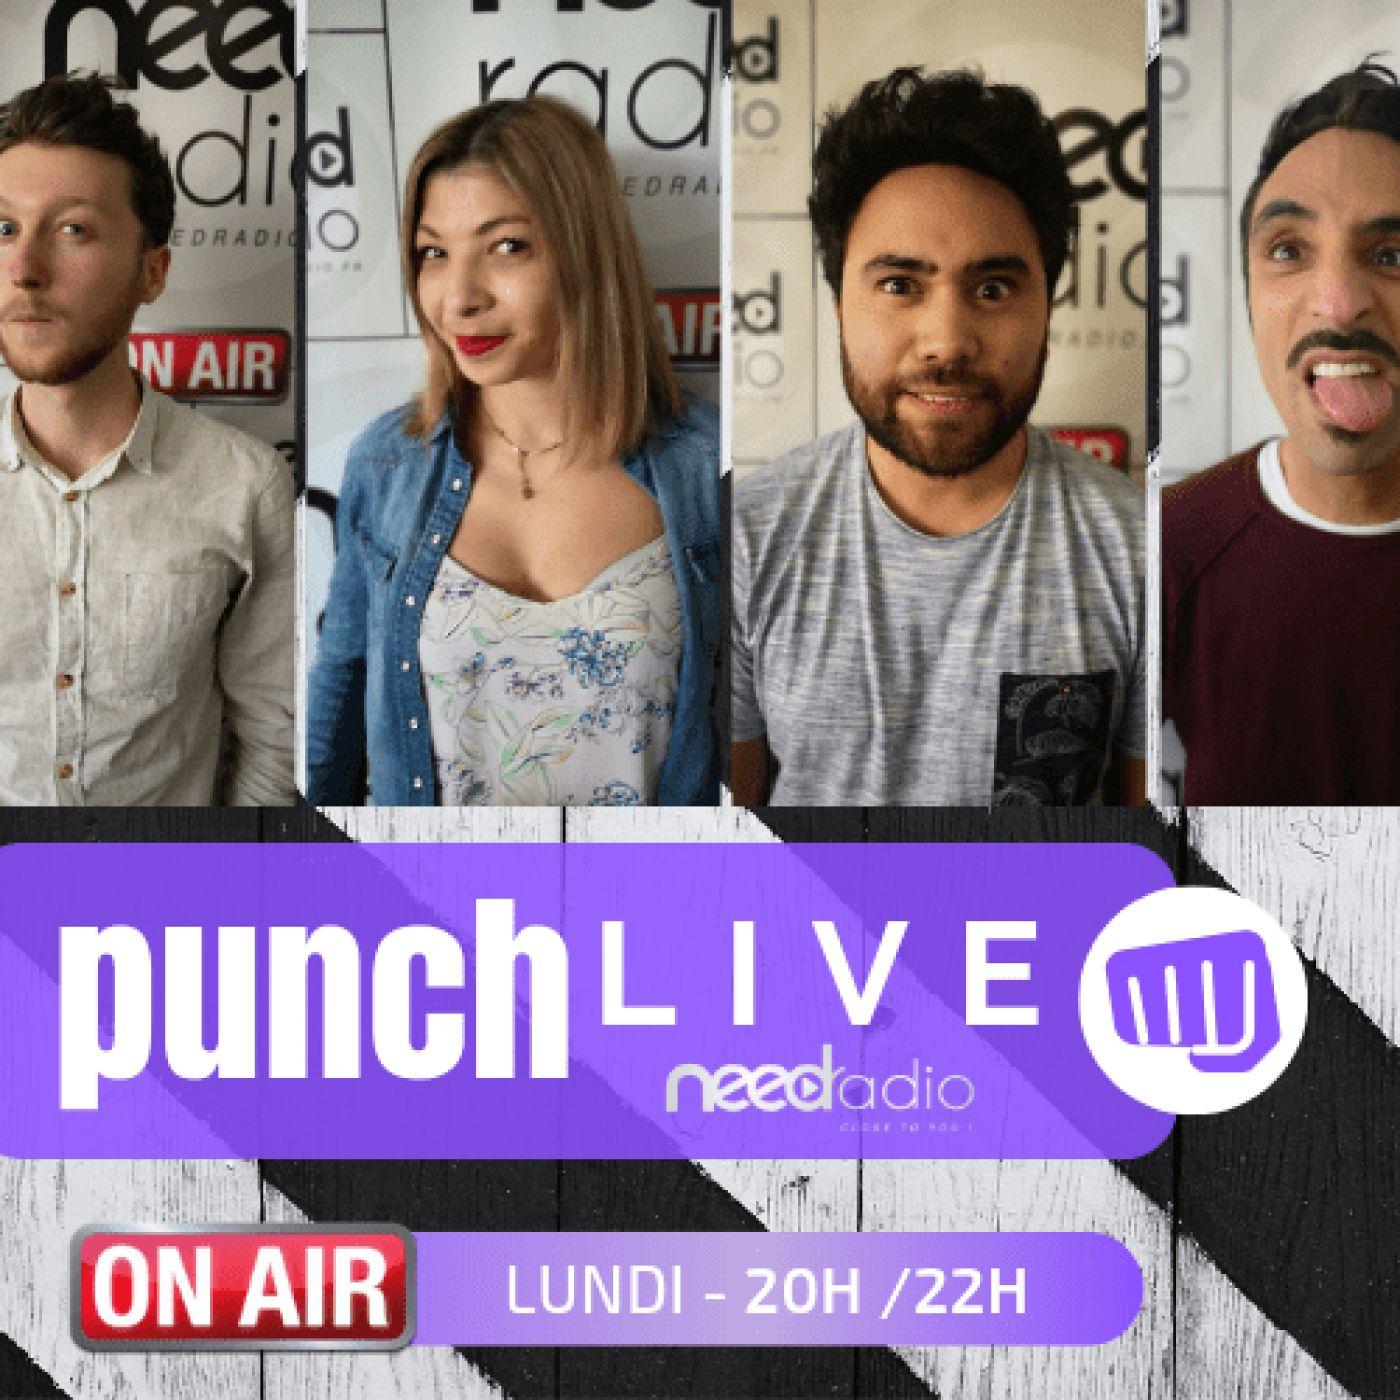 Punch Live (avec Quentin et son équipe) (09/09/19)